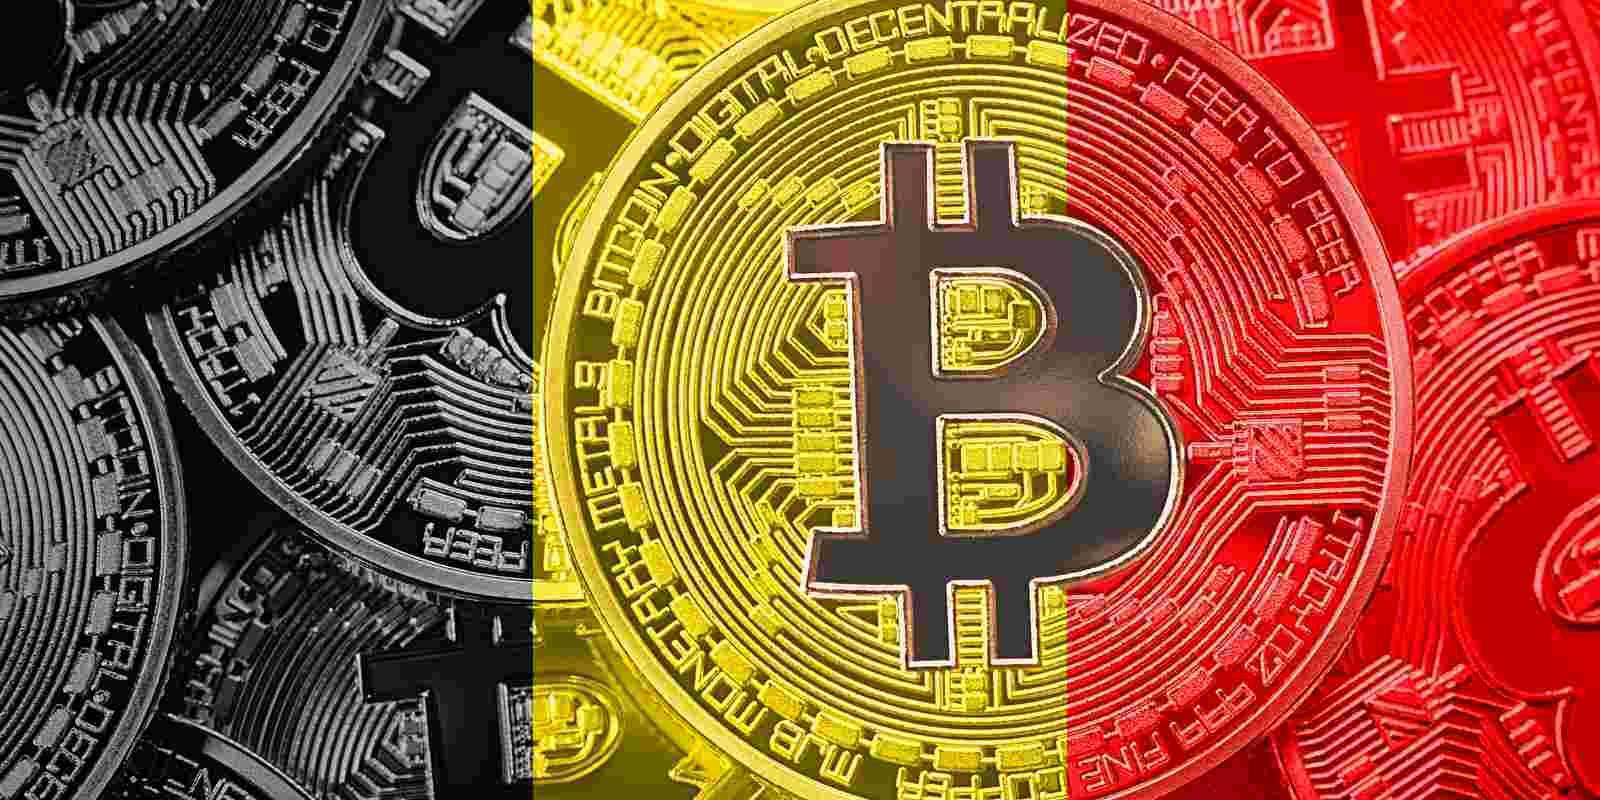 Belgique : un fonds de capital-risque entièrement dédié à la blockchain